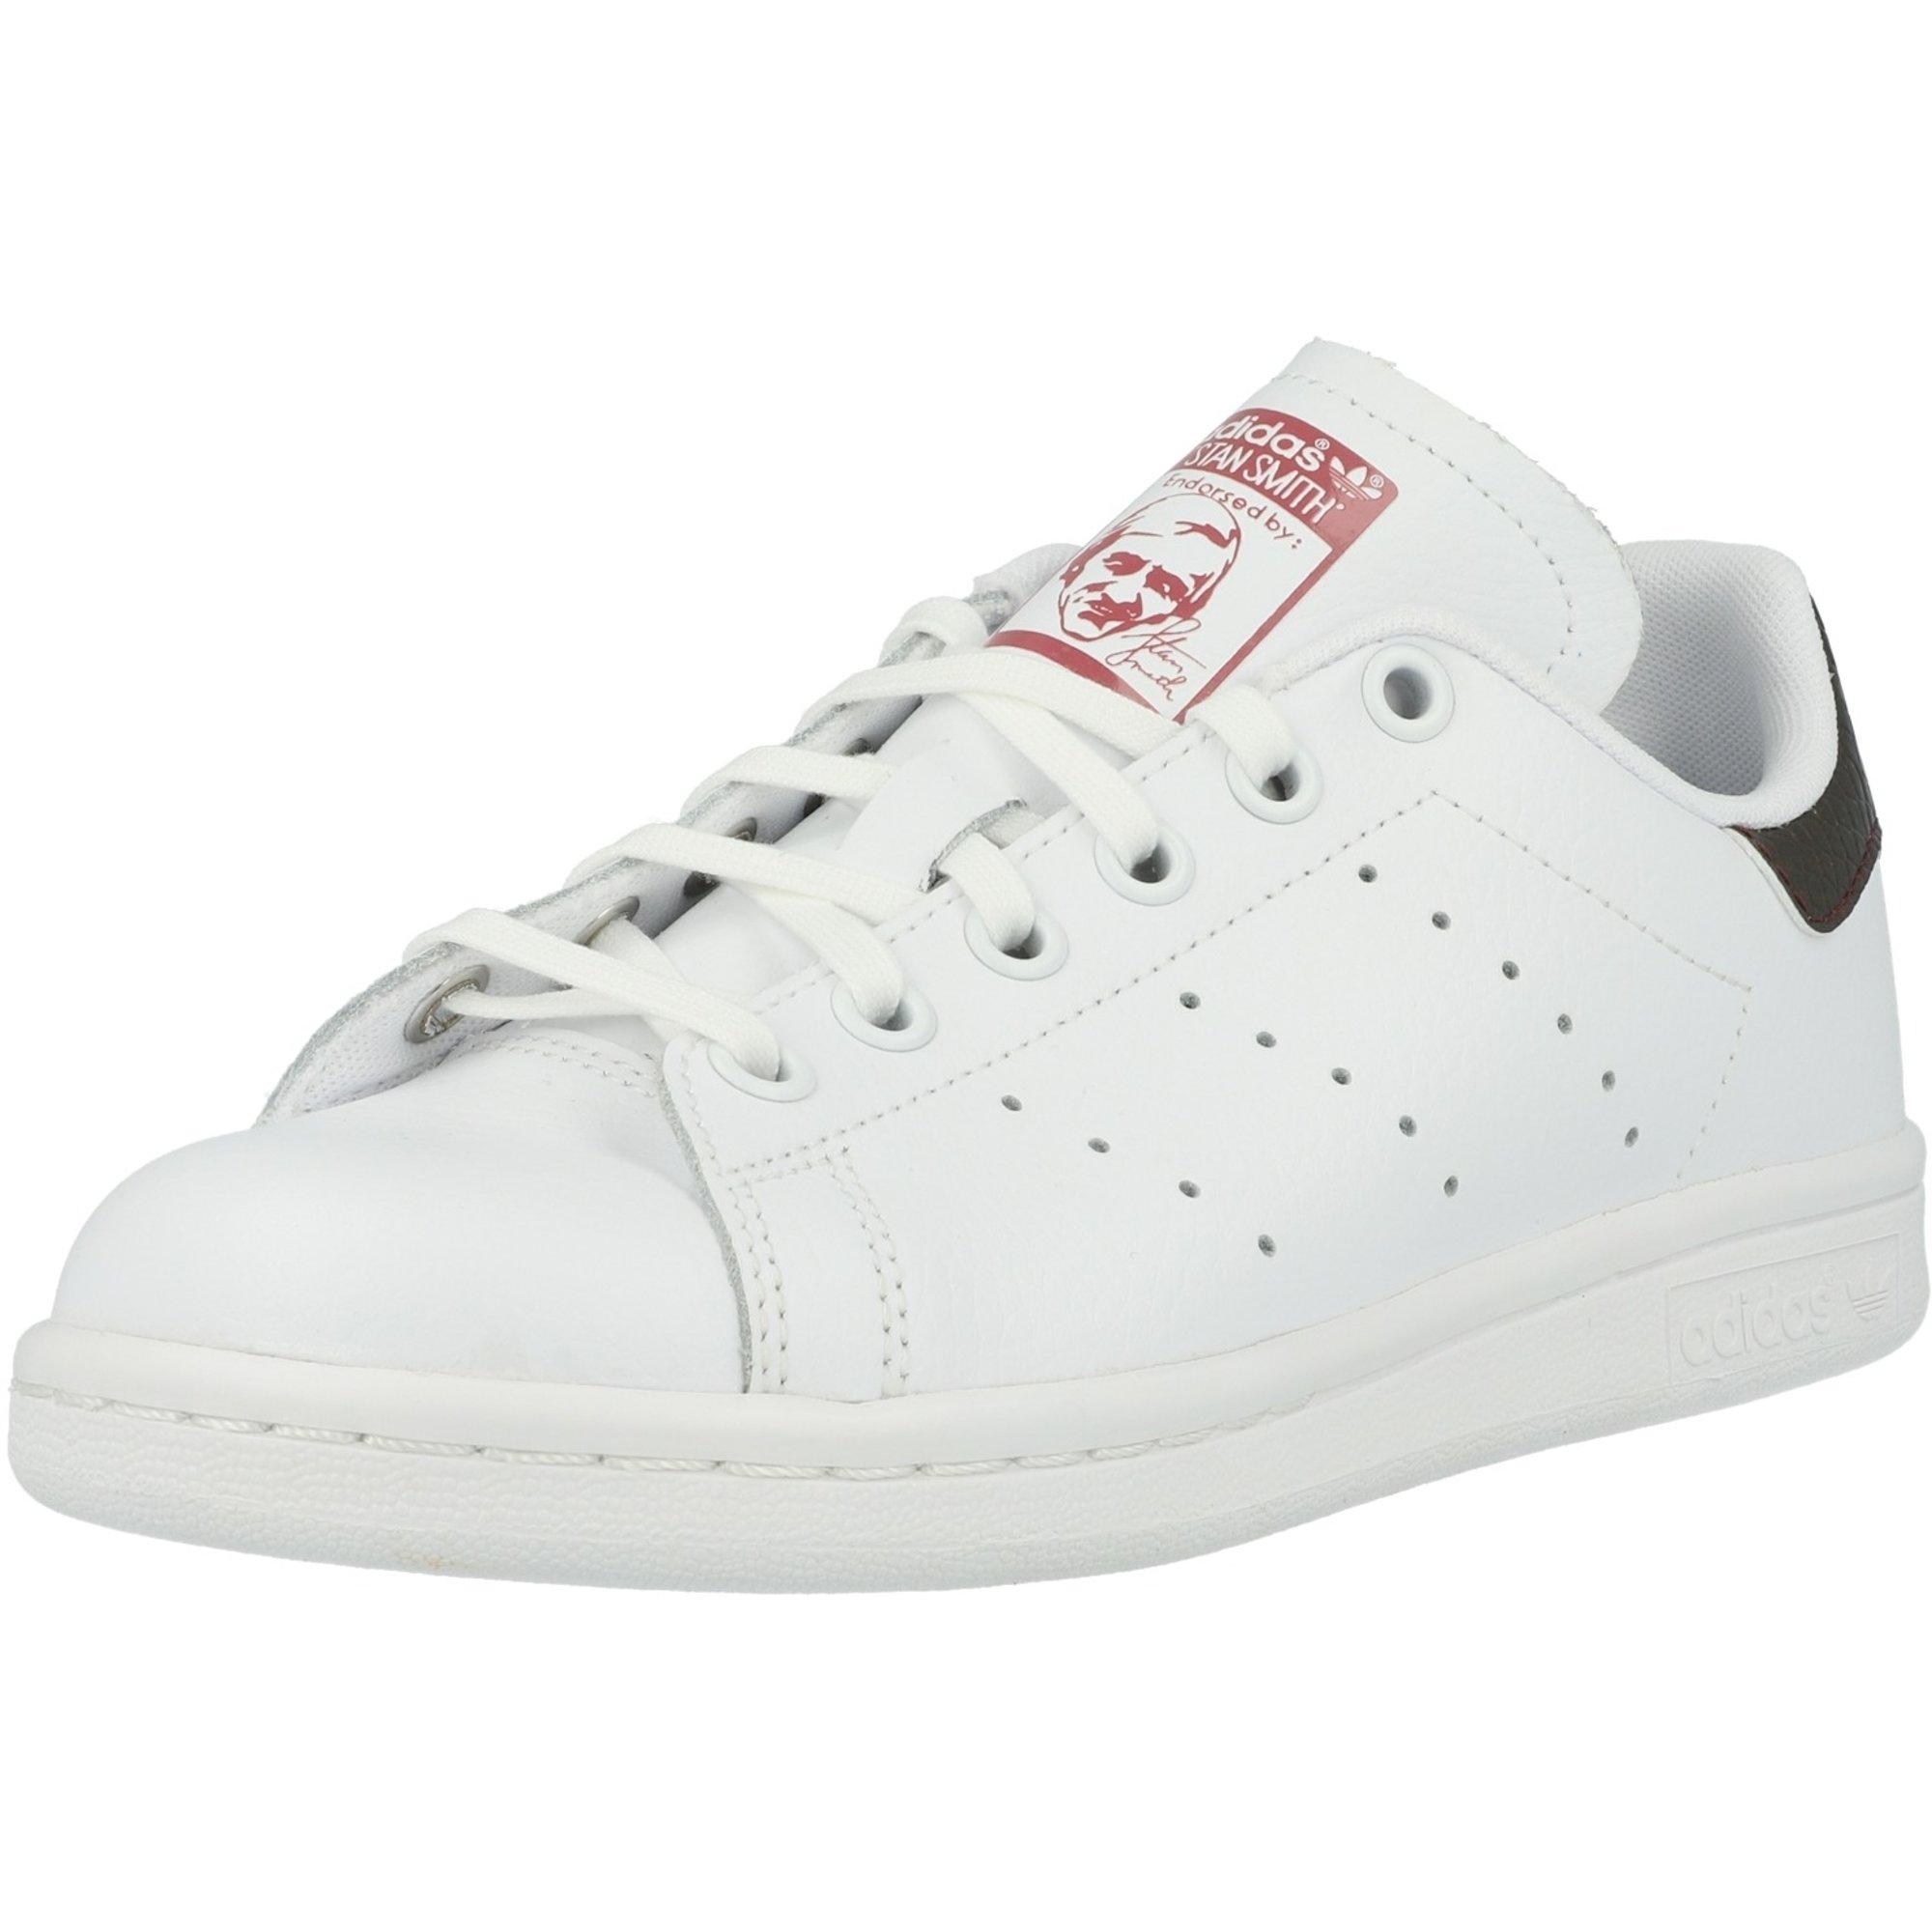 Adidas Originals Stan Smith Premium Schwarz Weiß Schuhe Für